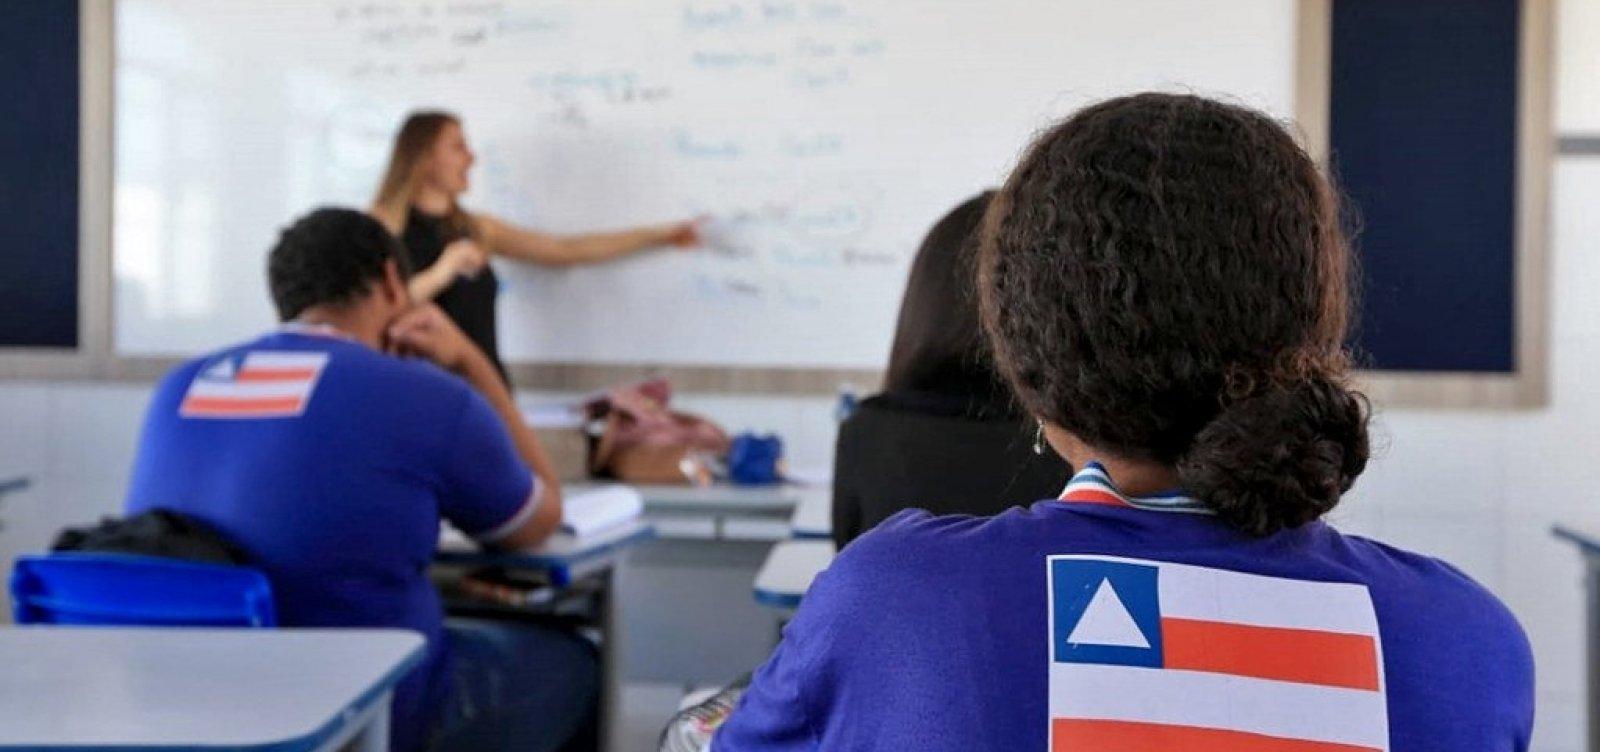 [Rede estadual de ensino da Bahia tem melhor desempenho no IDEB em 14 anos]